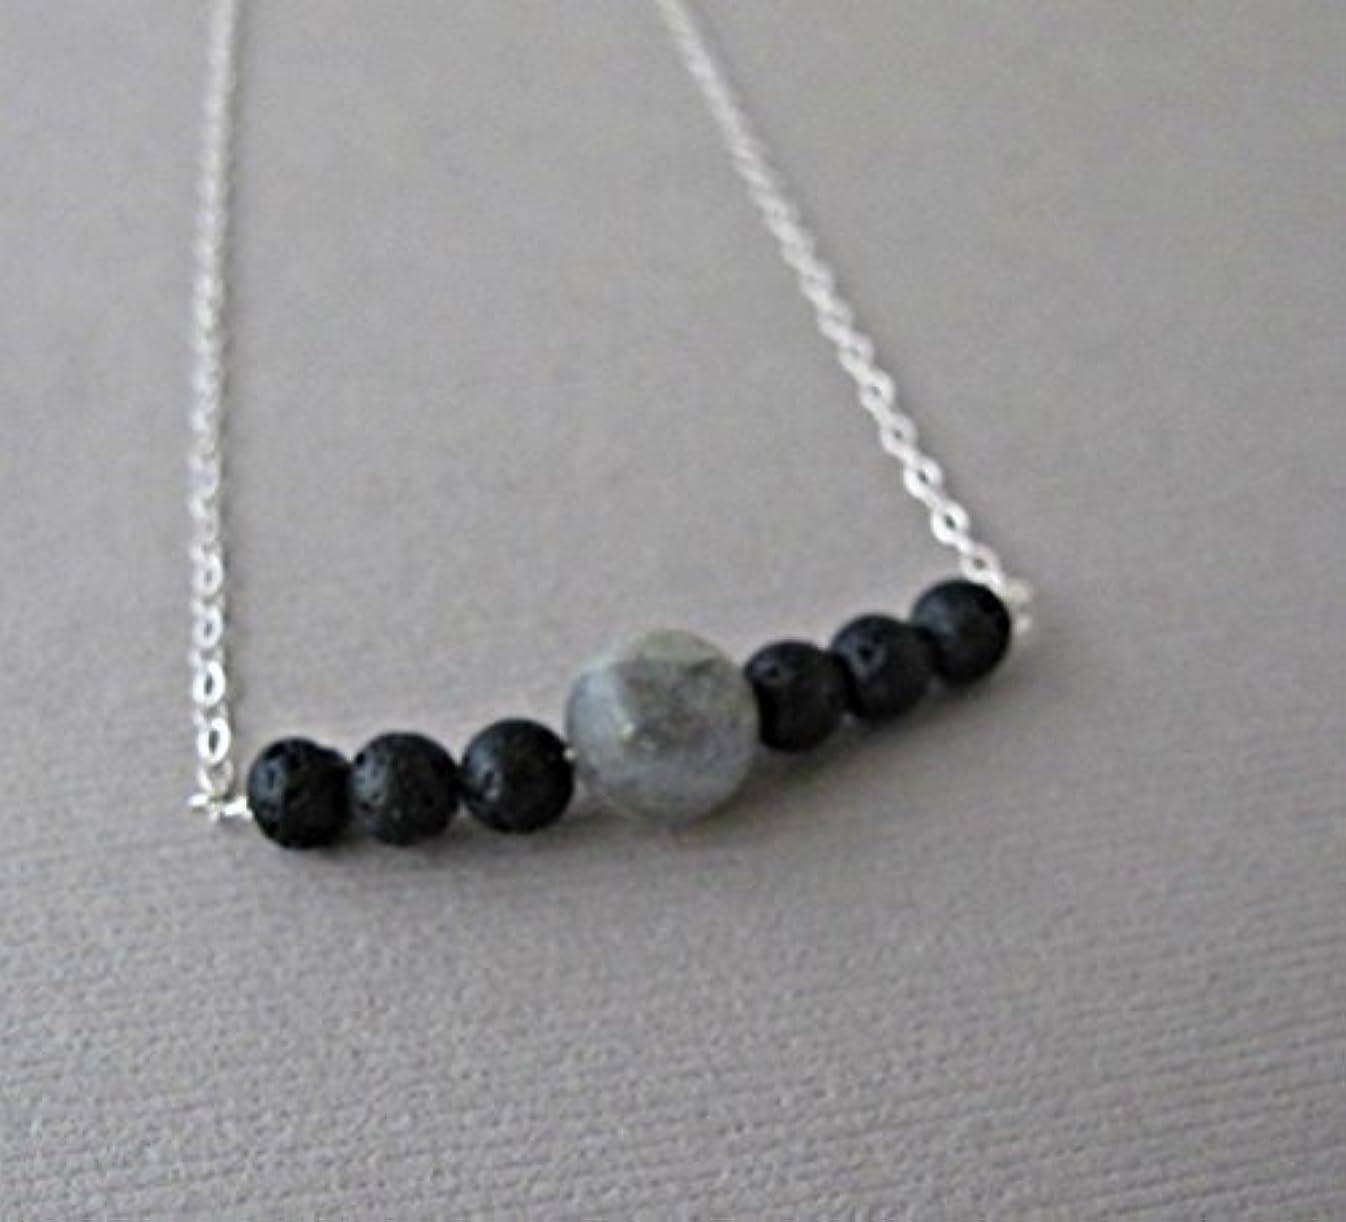 訪問スイ学校教育Labradorite Lava Pendant Essential Oil Necklace Diffuser Aromatherapy - Simple Minimalist Lava Bead Diffuser Necklace...